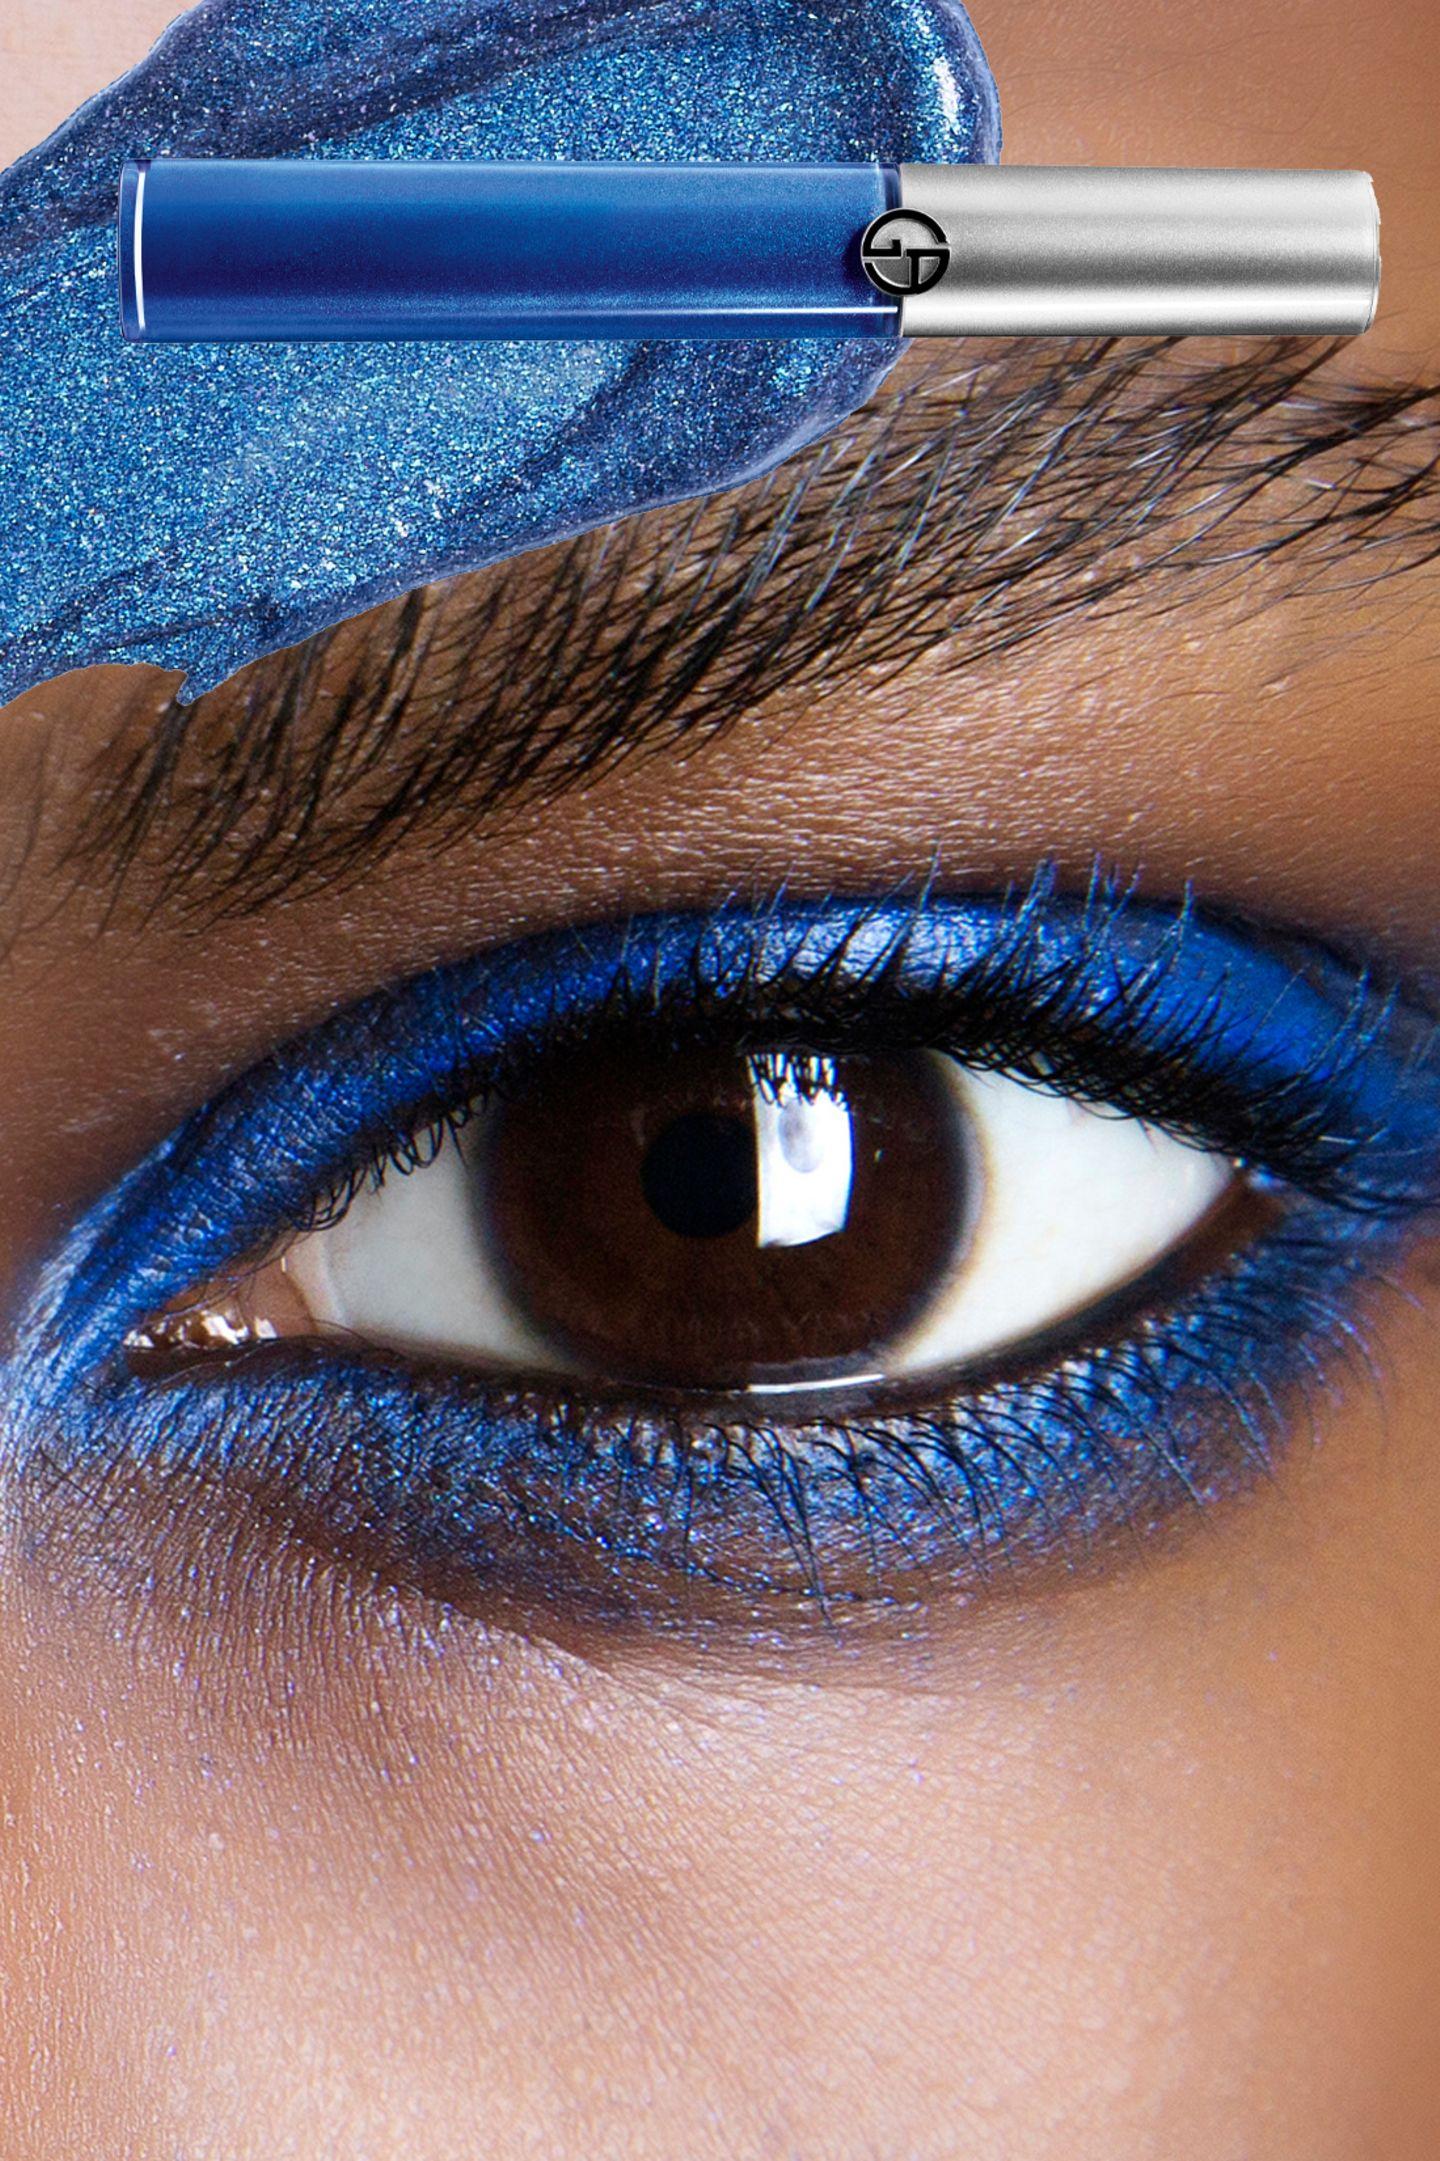 Blau, Blau, Blau:Wie schön, dass uns kräftige Farbnuancen von Kobalt bis Yves Klein rund ums Auge erhalten bleiben!